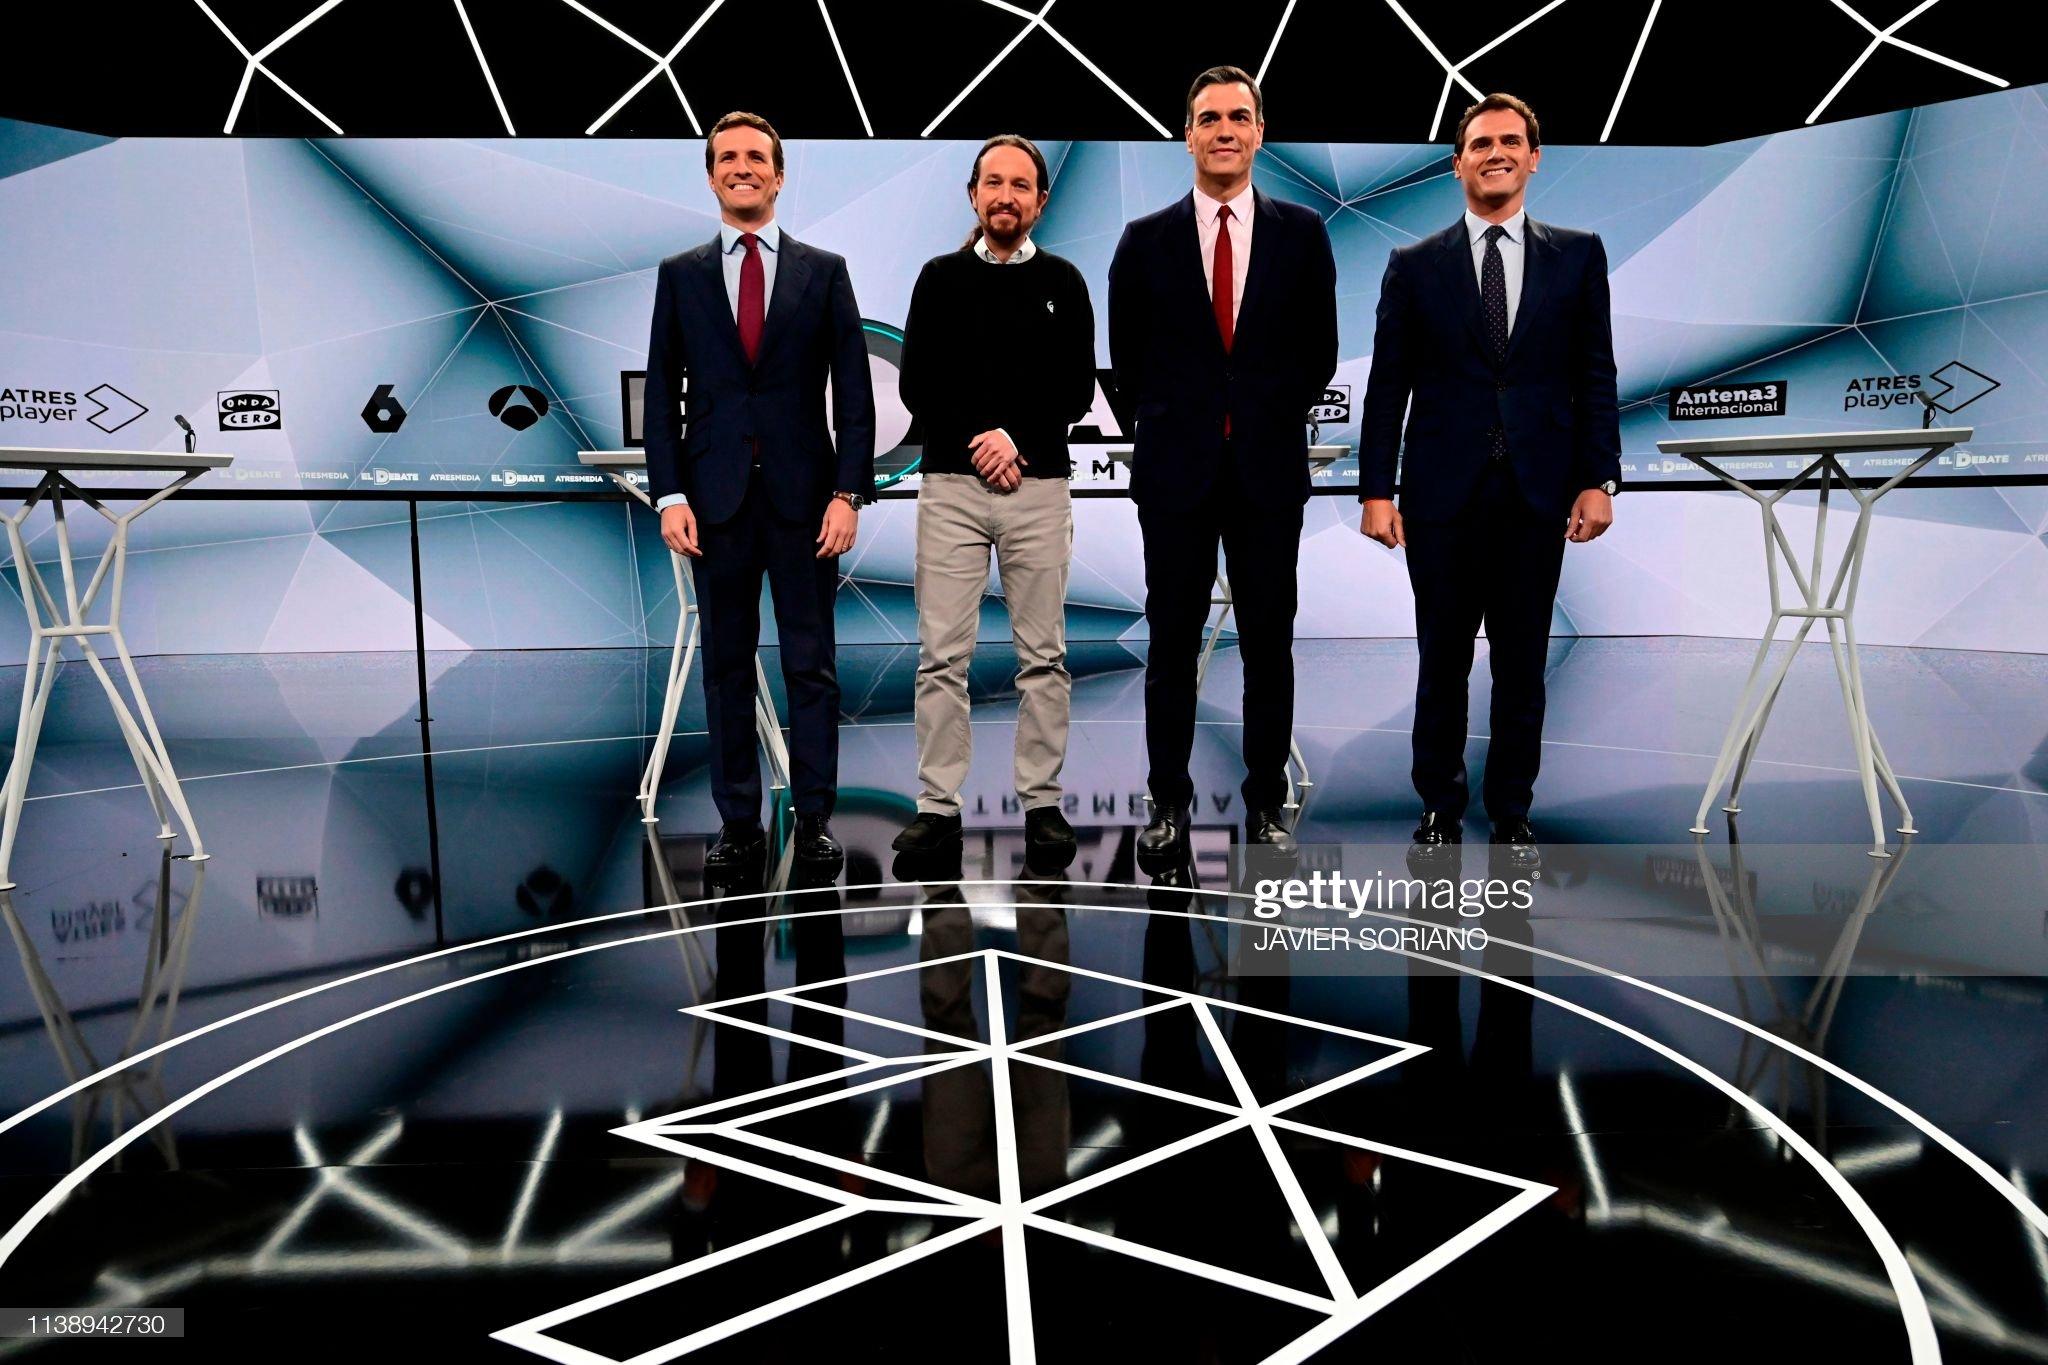 ¿Cuánto mide Pablo Casado?  - Estatura real: 1,77 - Página 7 Spanish-conservative-popular-party-leader-pablo-casado-farleft-party-picture-id1138942730?s=2048x2048